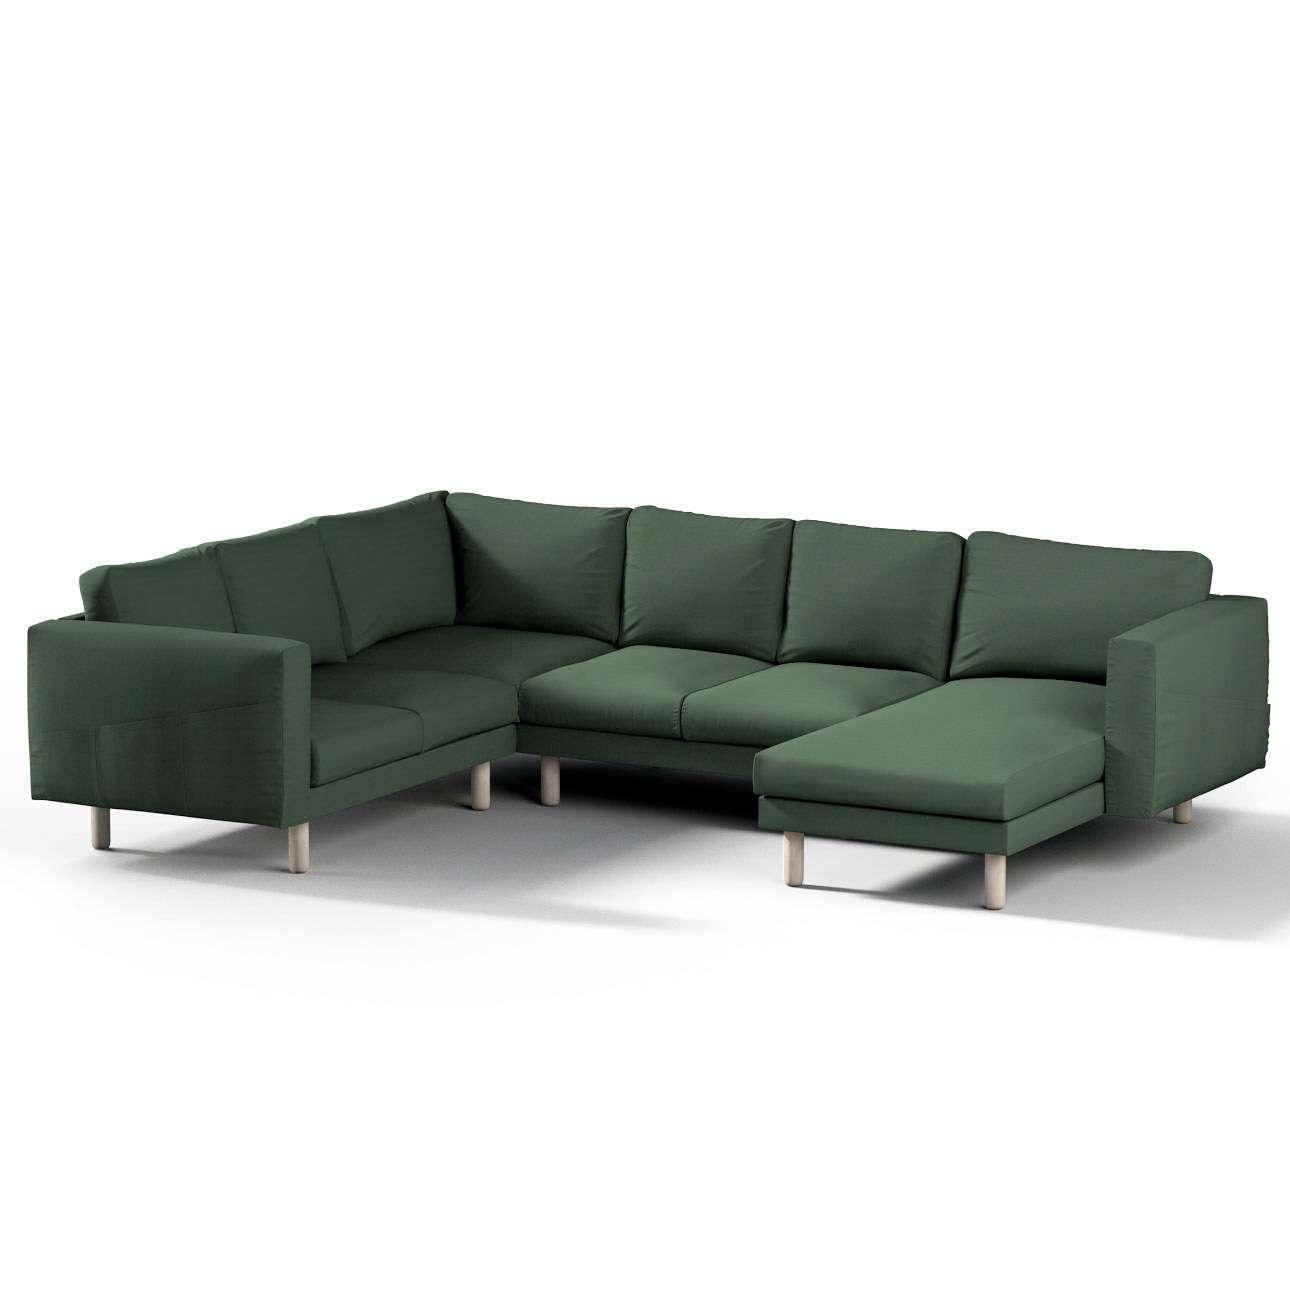 Pokrowiec na sofę narożną Norsborg 5-osobową z szezlongiem w kolekcji Cotton Panama, tkanina: 702-06